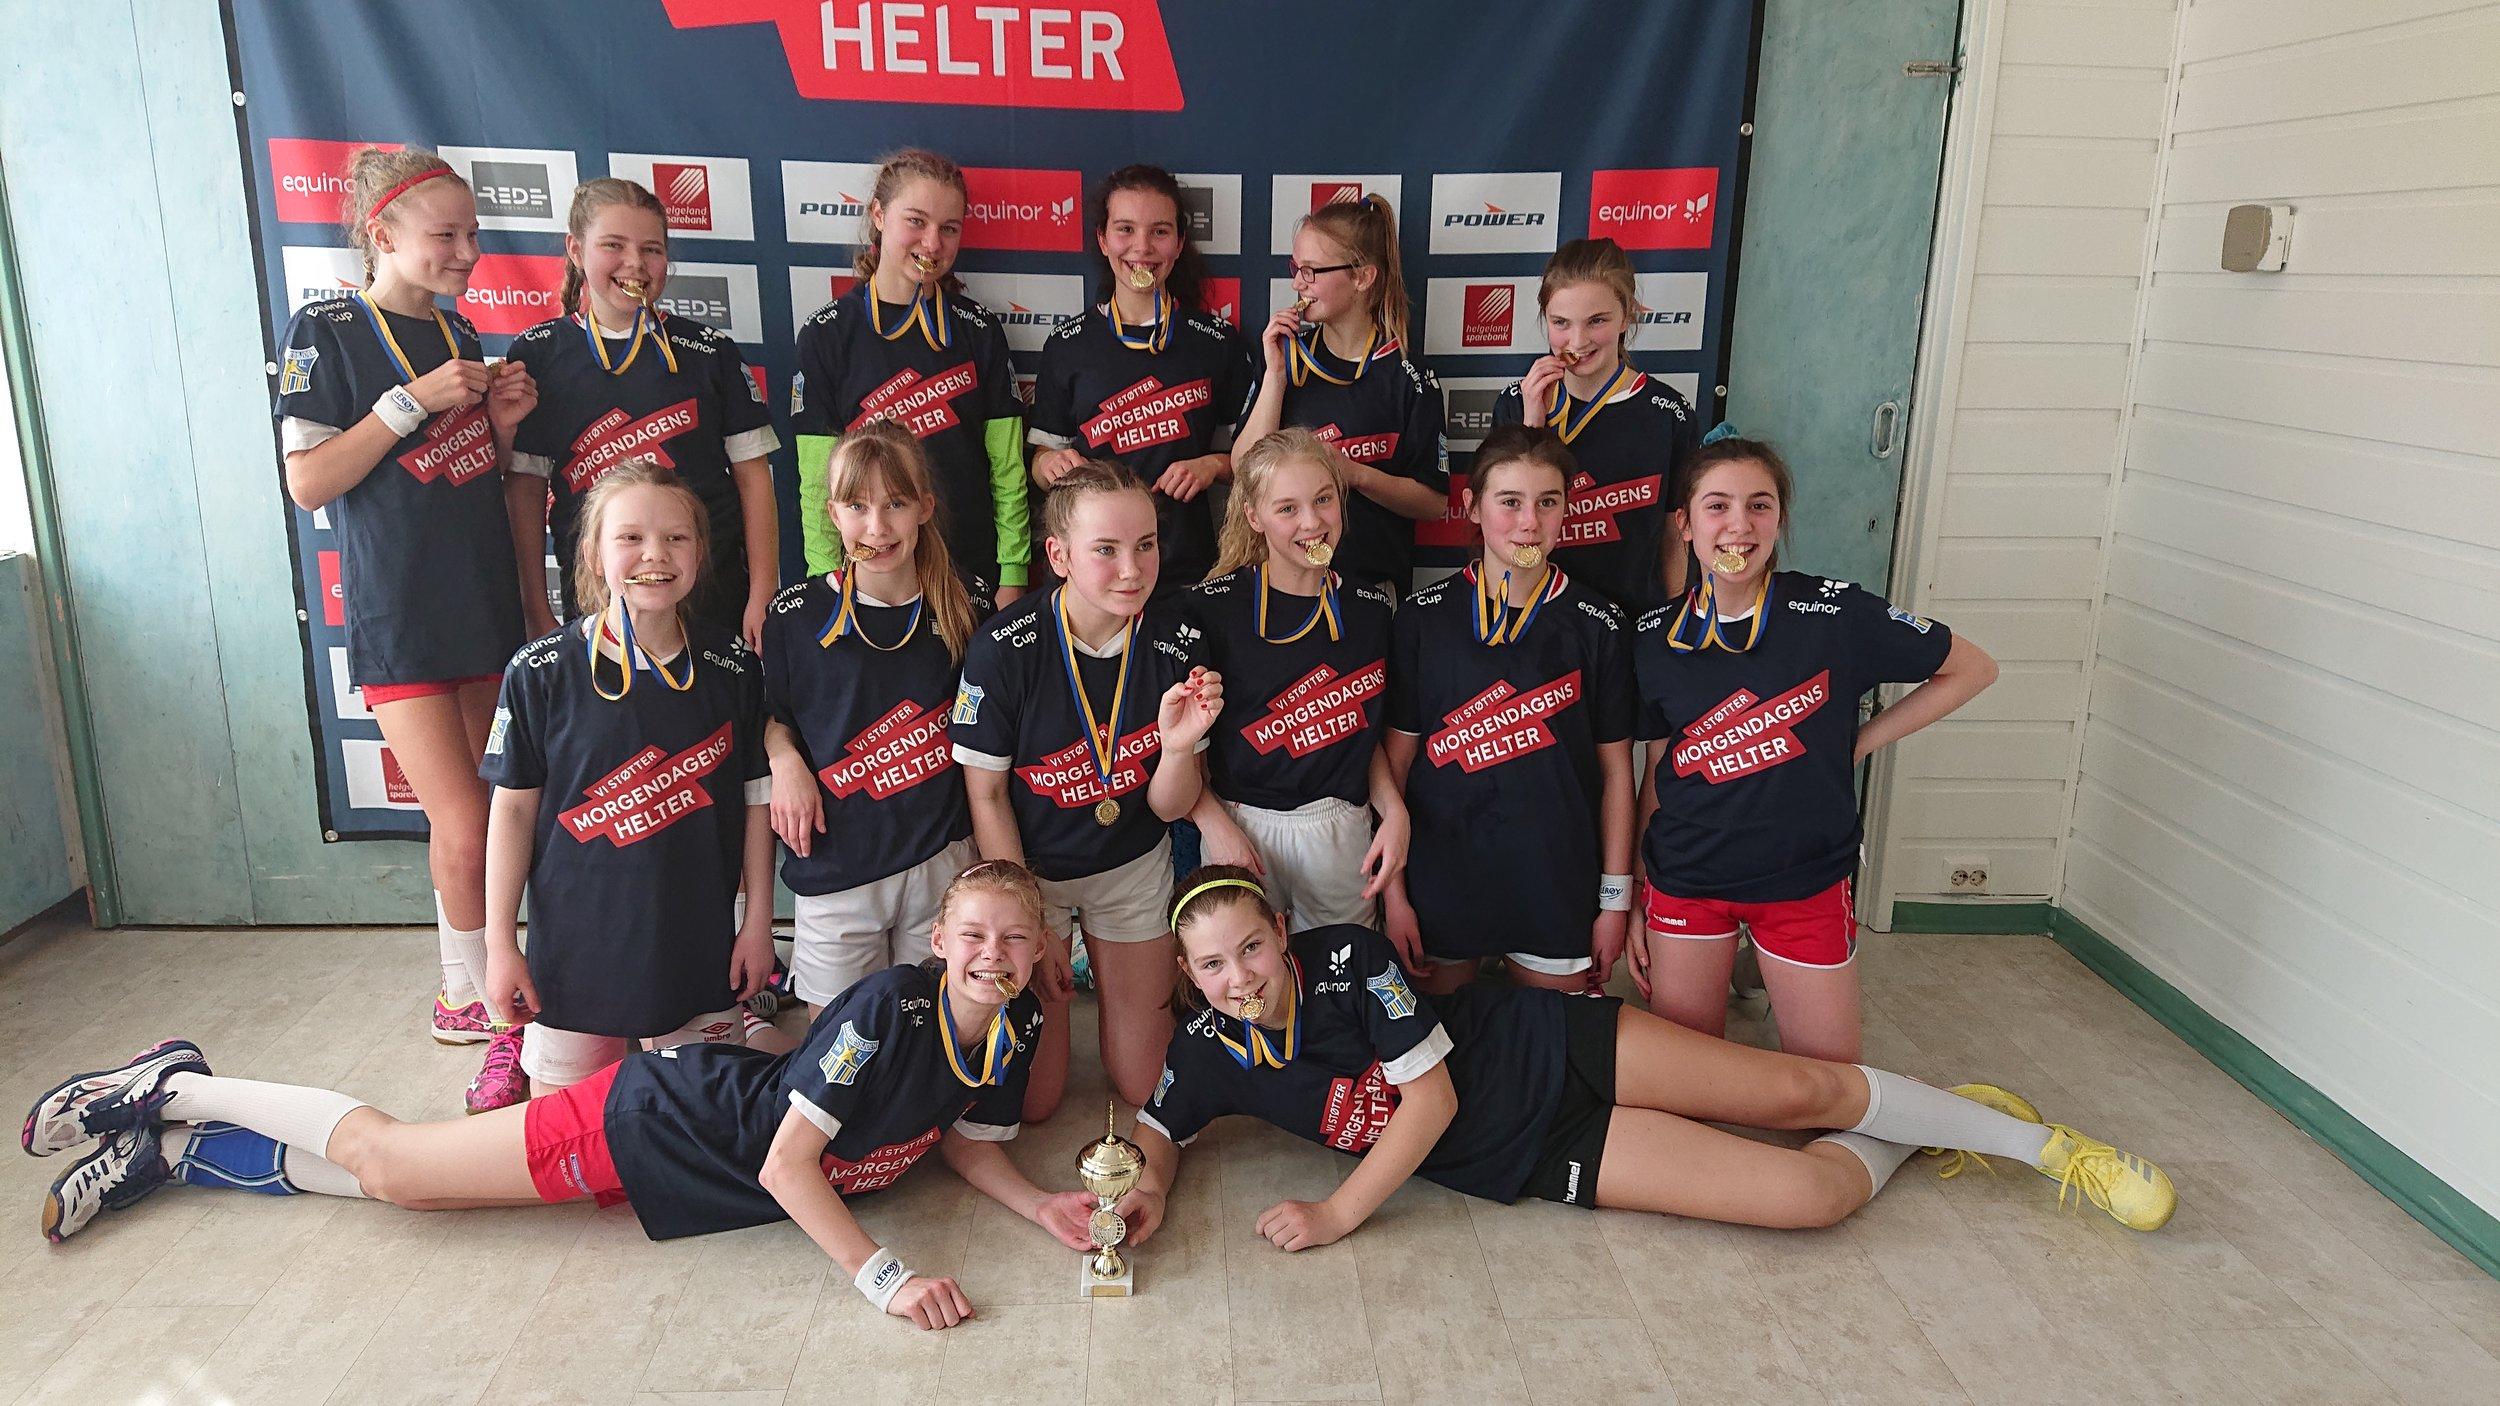 Fornøyde vinnere i Sandnessjøen!